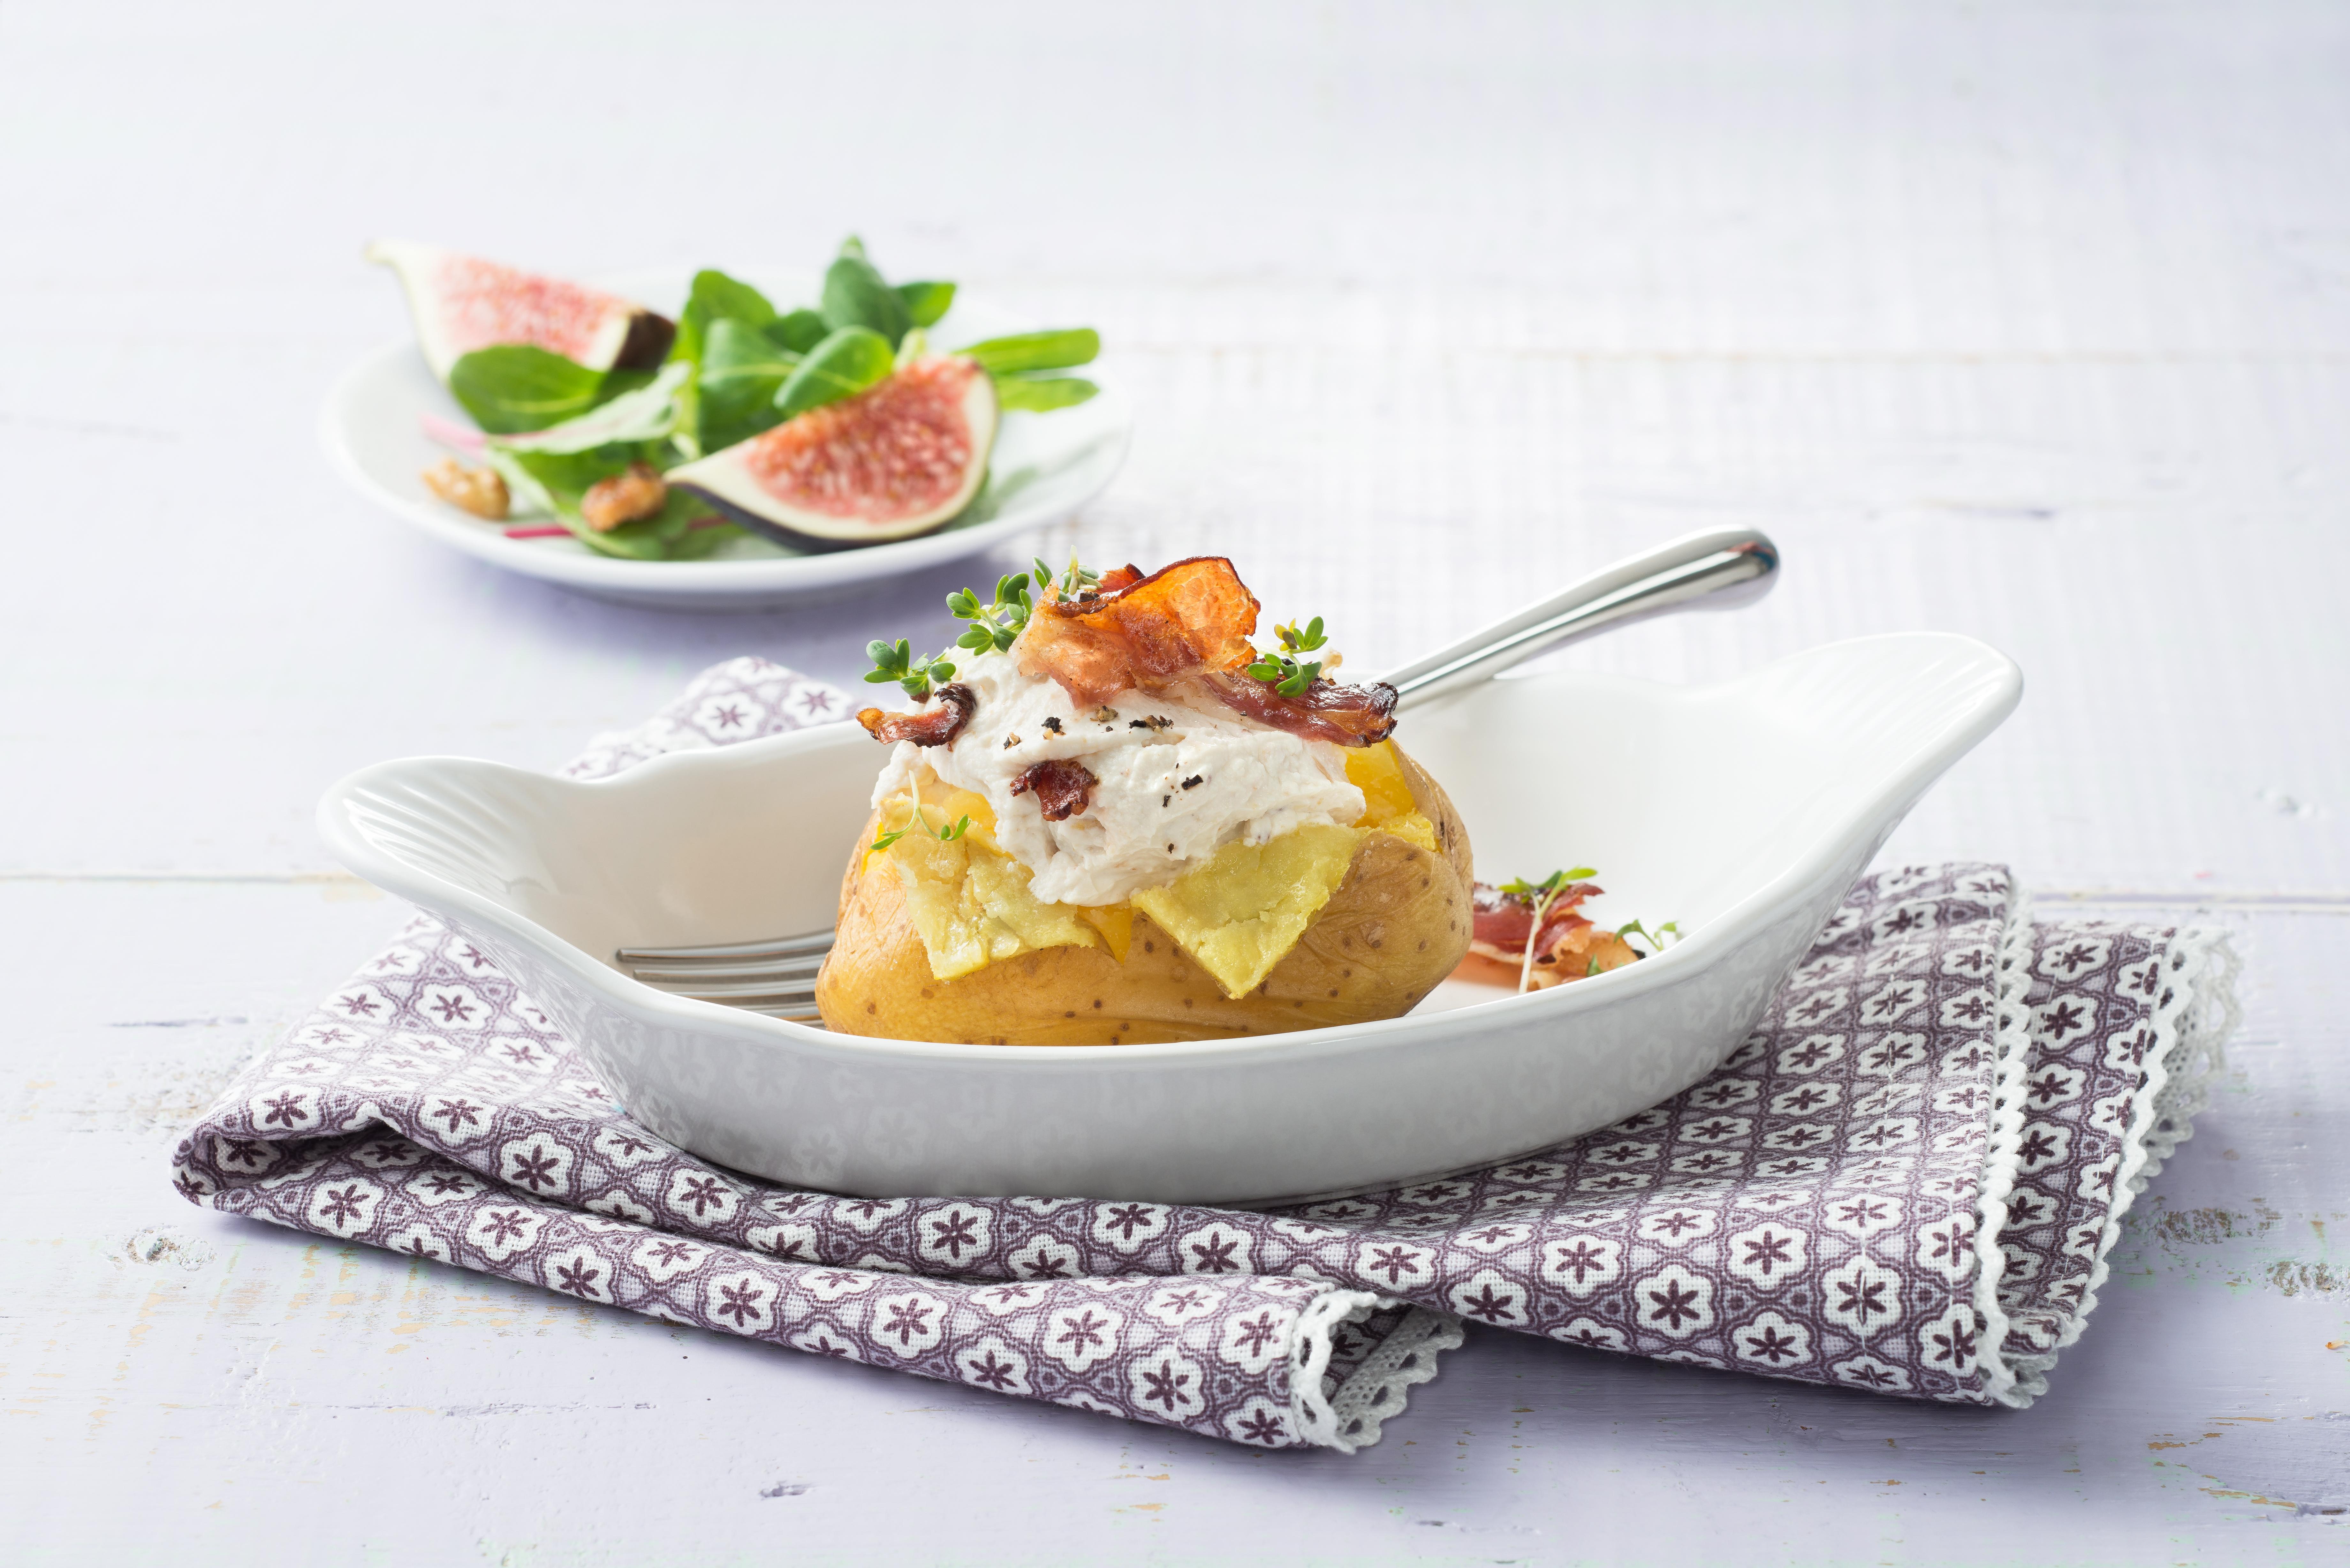 Tolle Rezeptidee - Ofenkartoffel mit Speck und Ziegenkäse